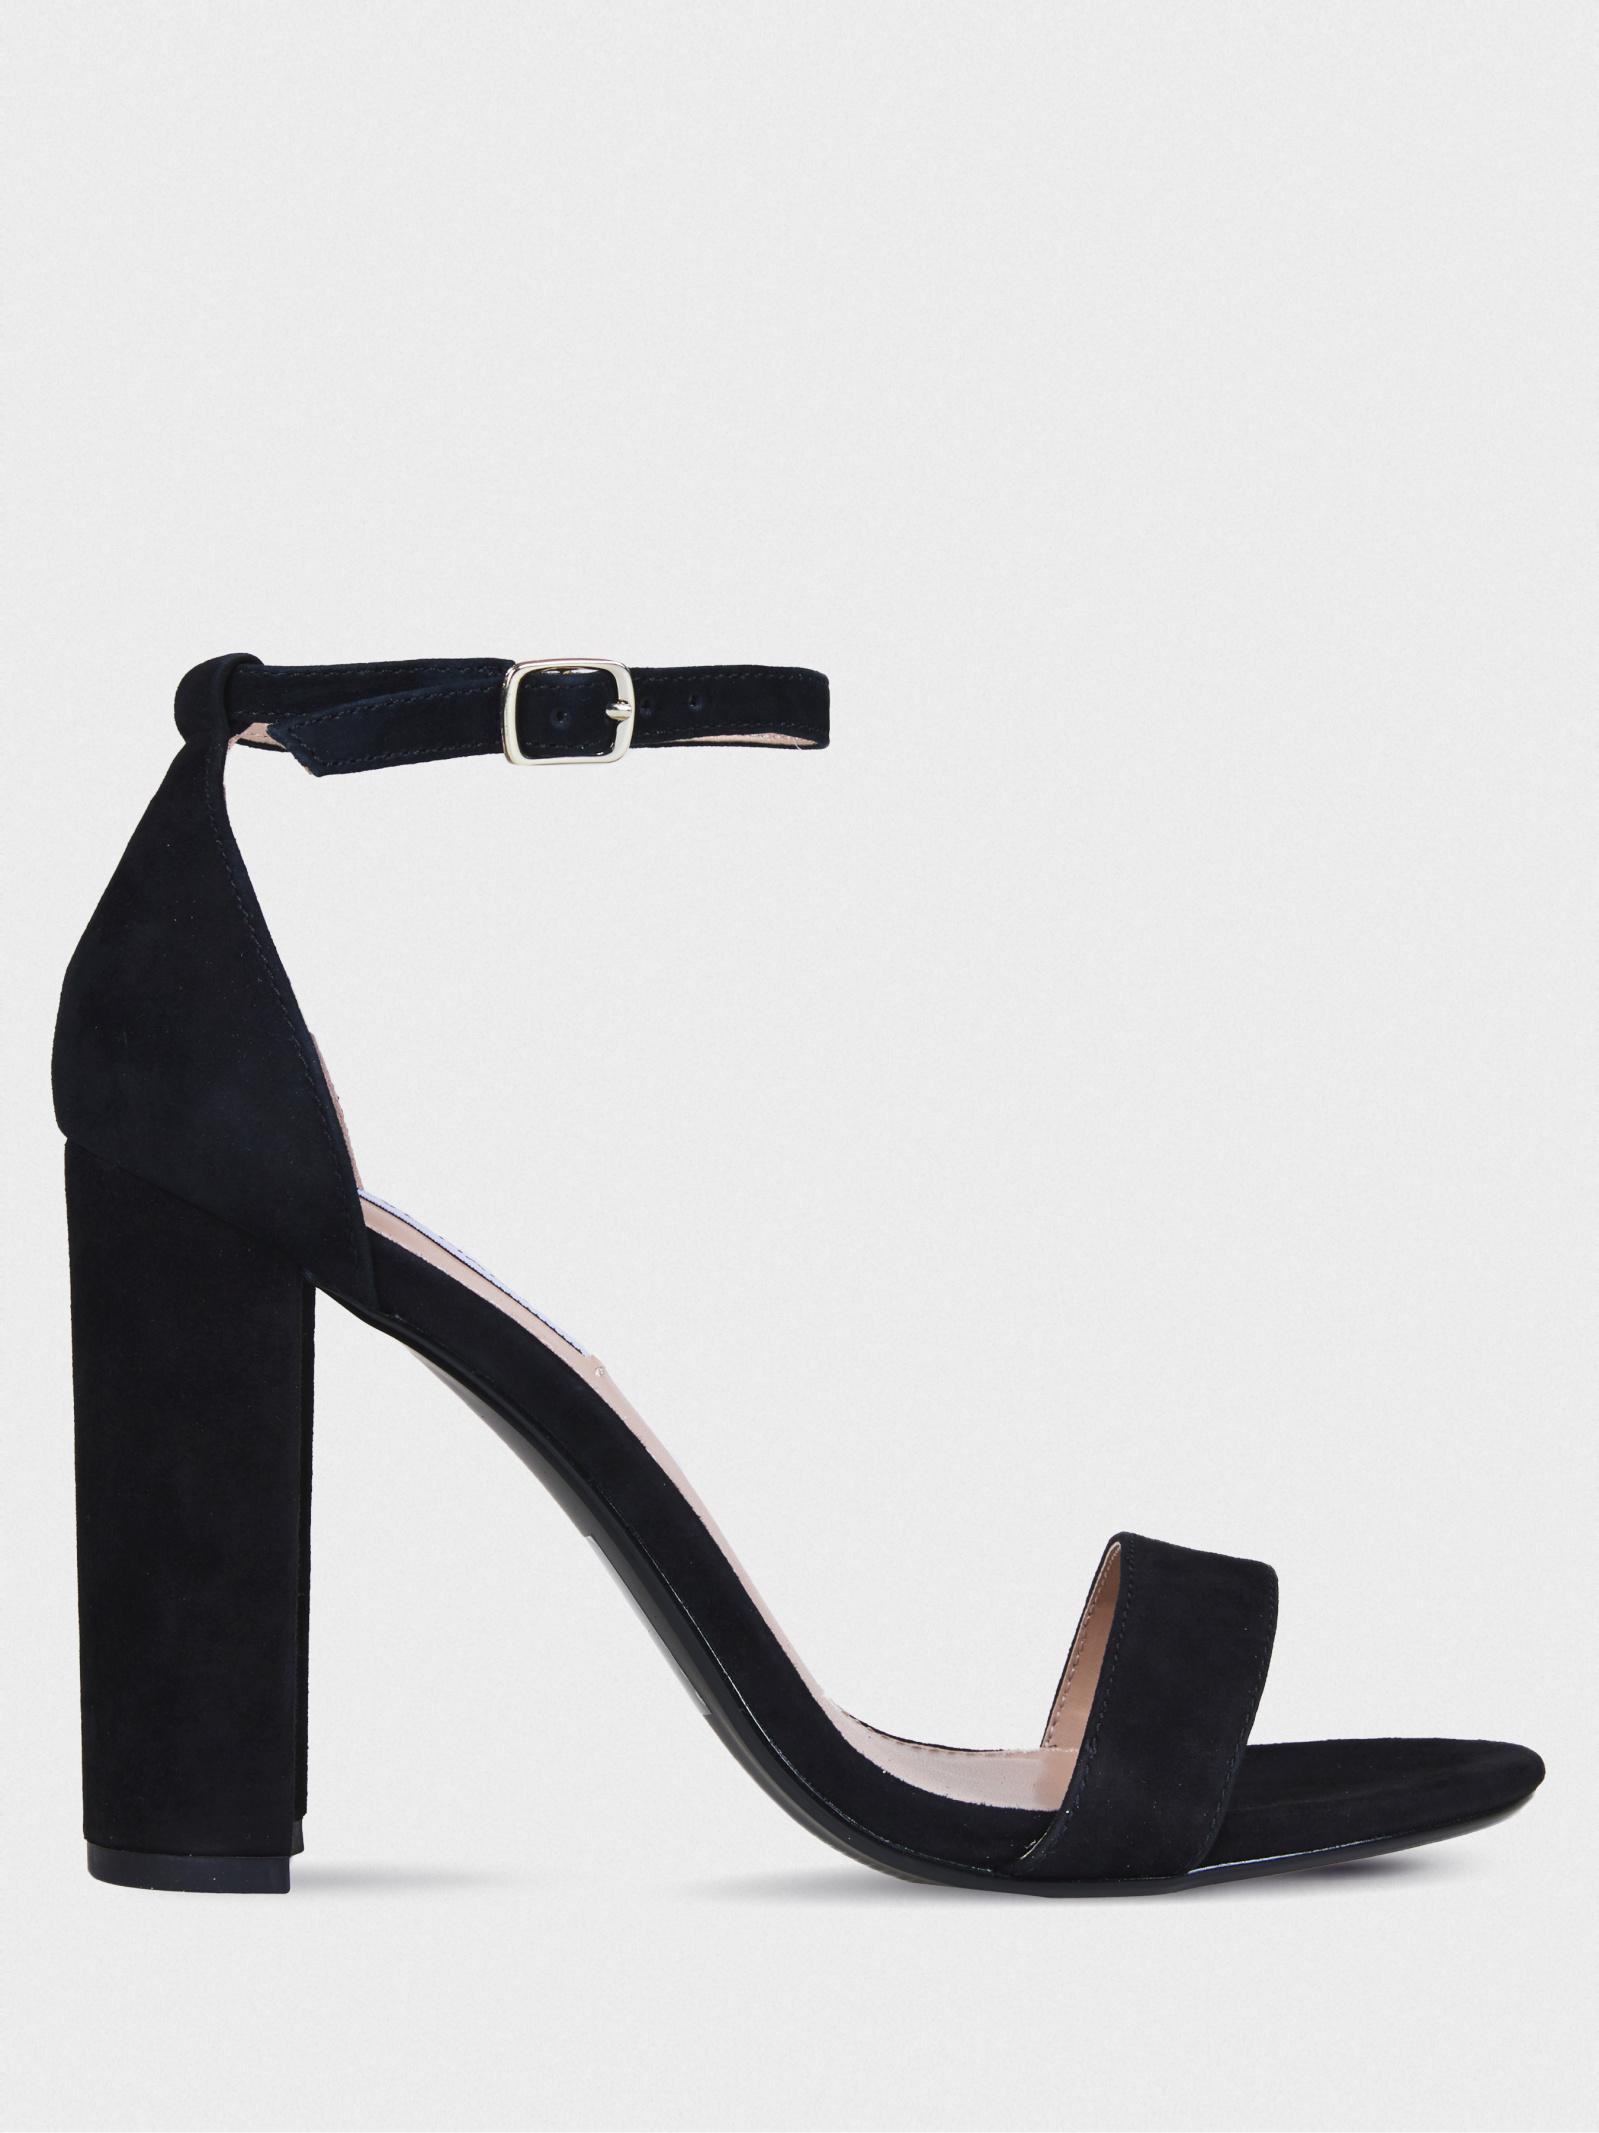 Босоніжки  жіночі Steve Madden SM11000008 BLACK SUEDE купити в Iнтертоп, 2017